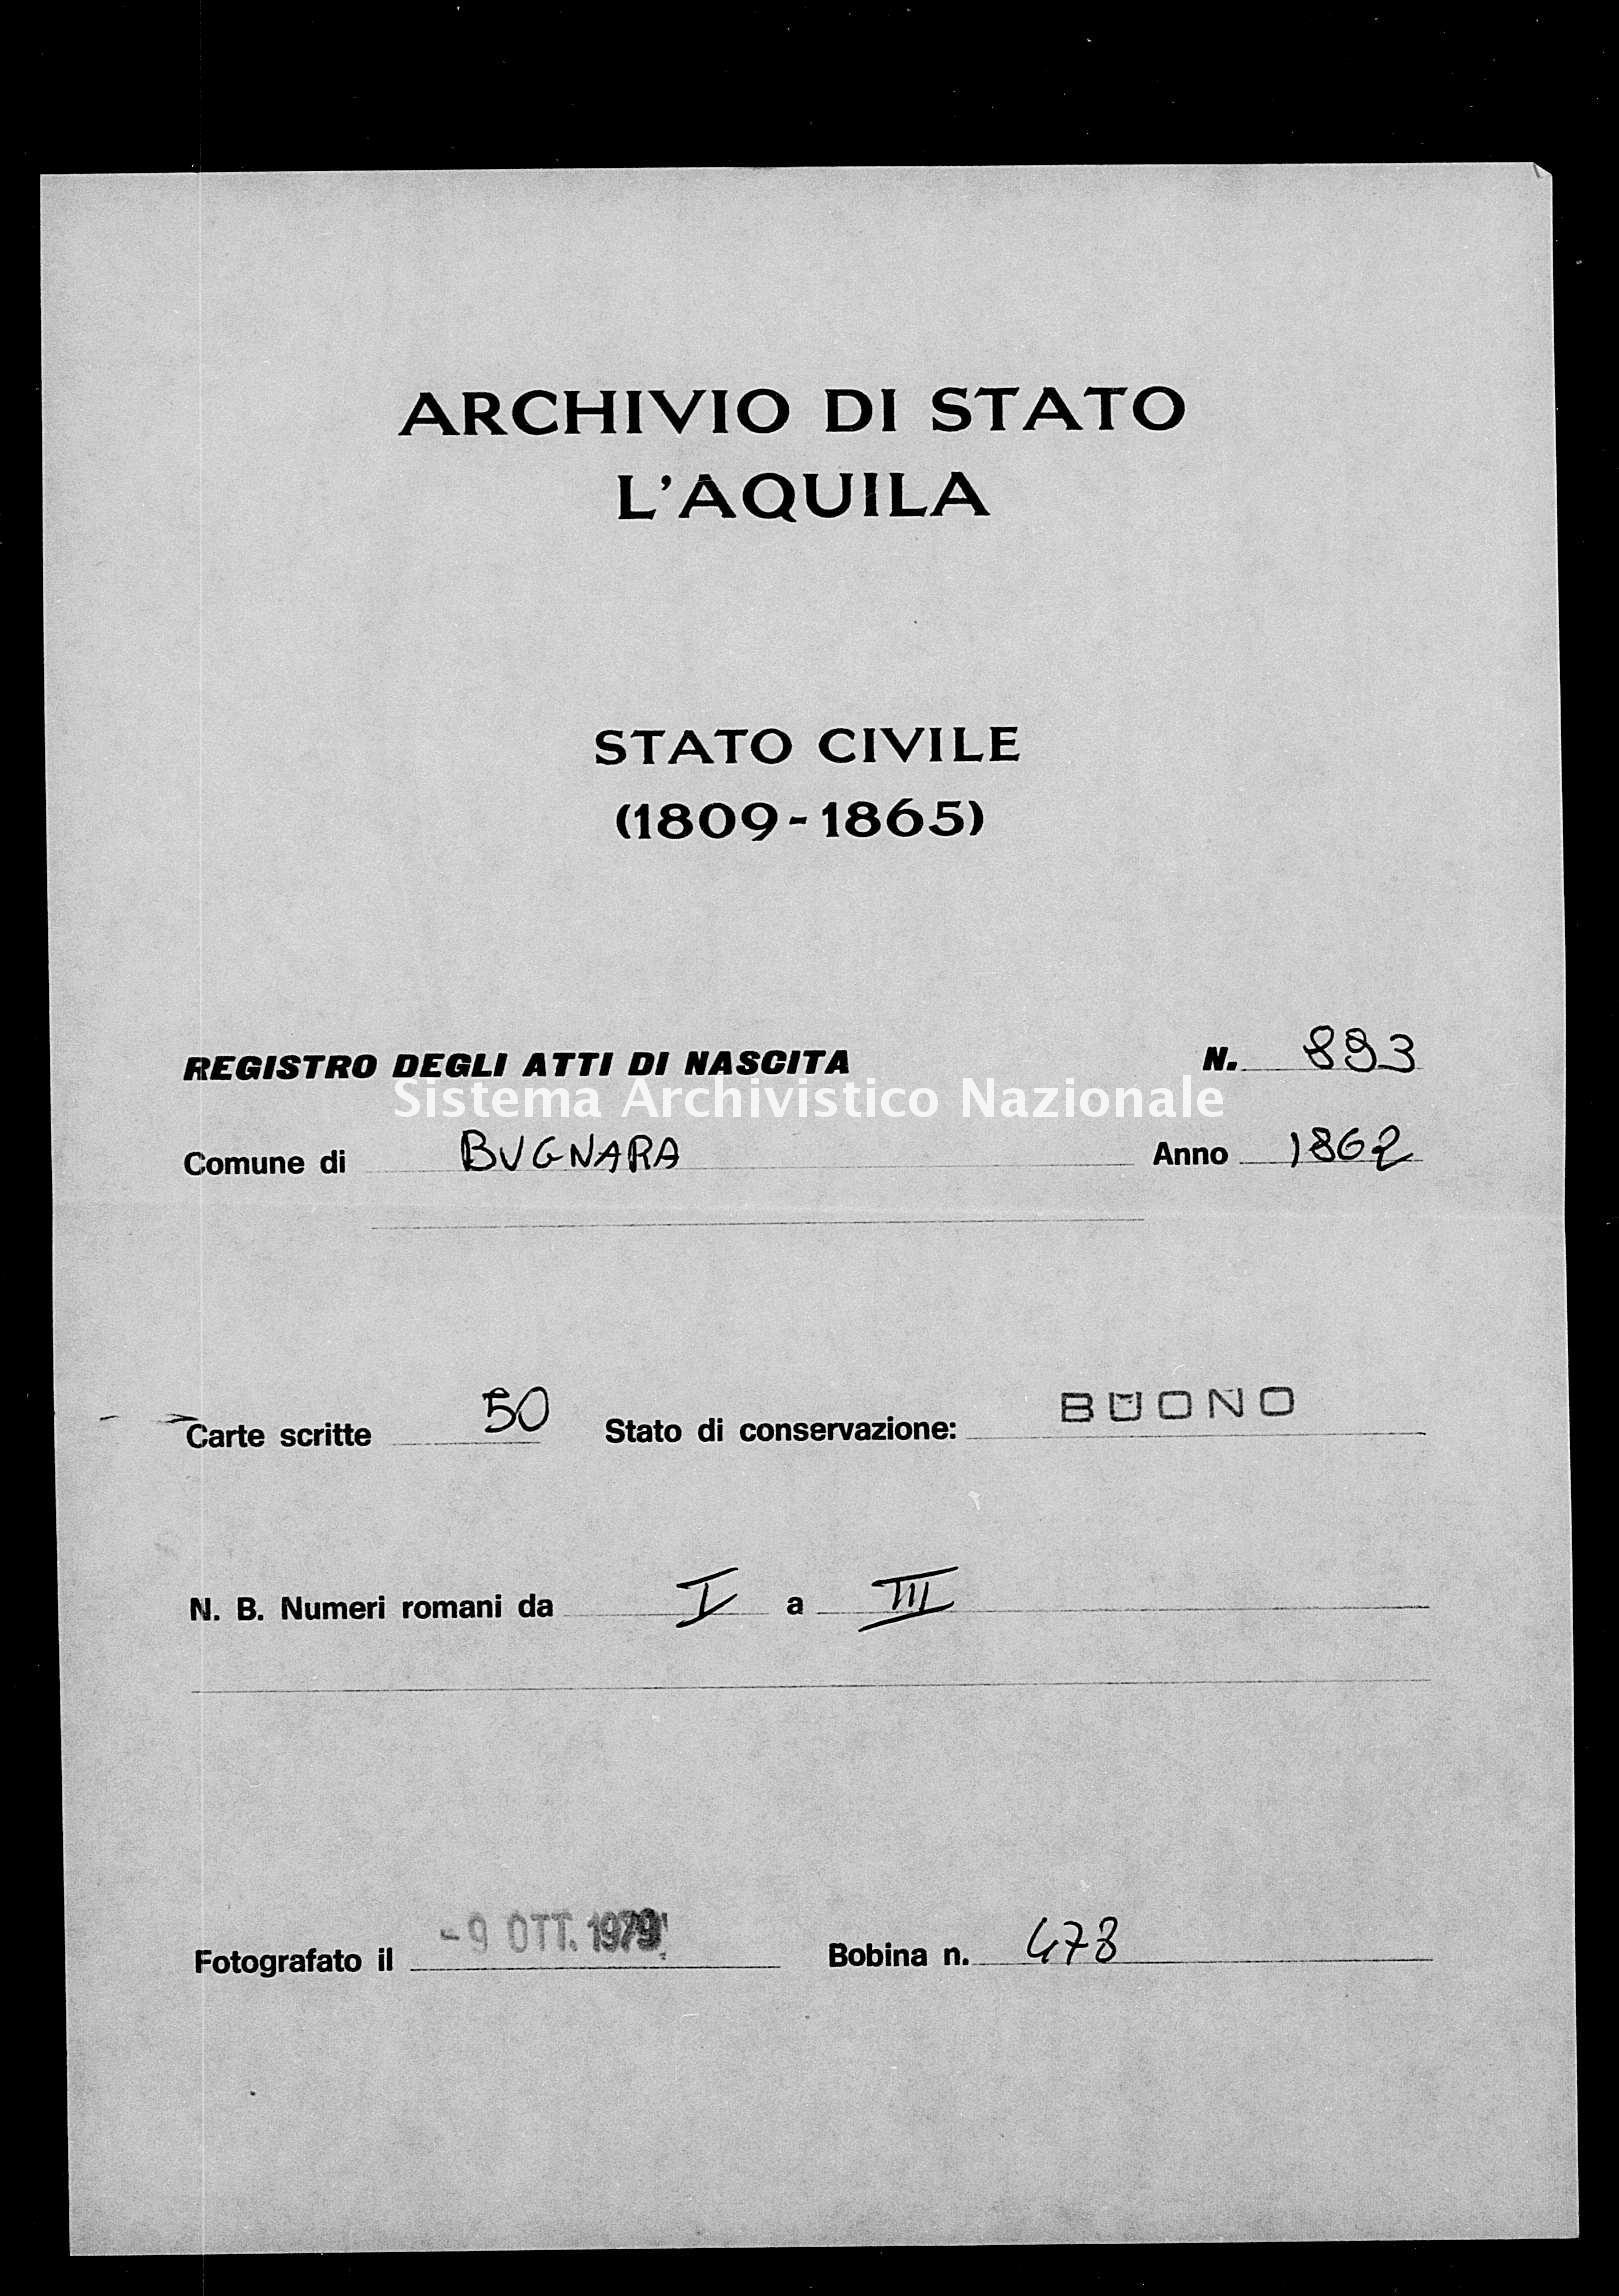 Archivio di stato di L'aquila - Stato civile italiano - Bugnara - Nati - 1862 - 893 -